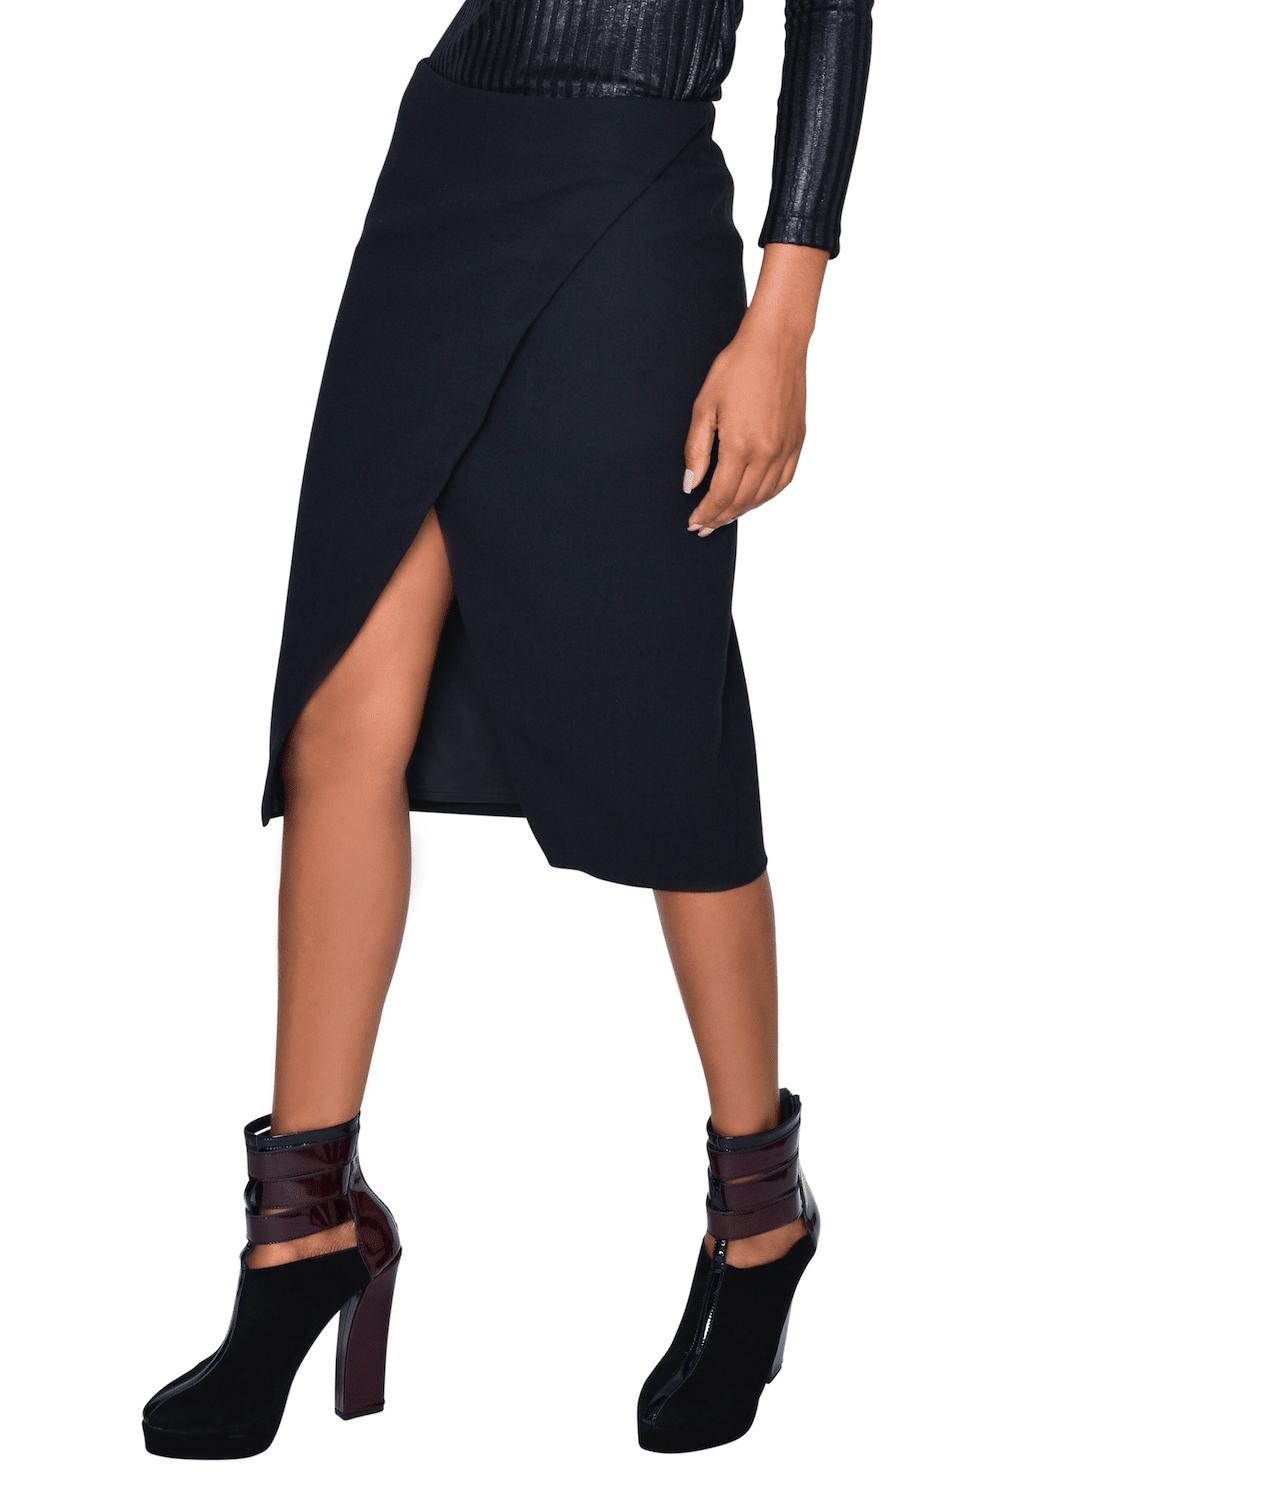 Skirt PEIXES 2